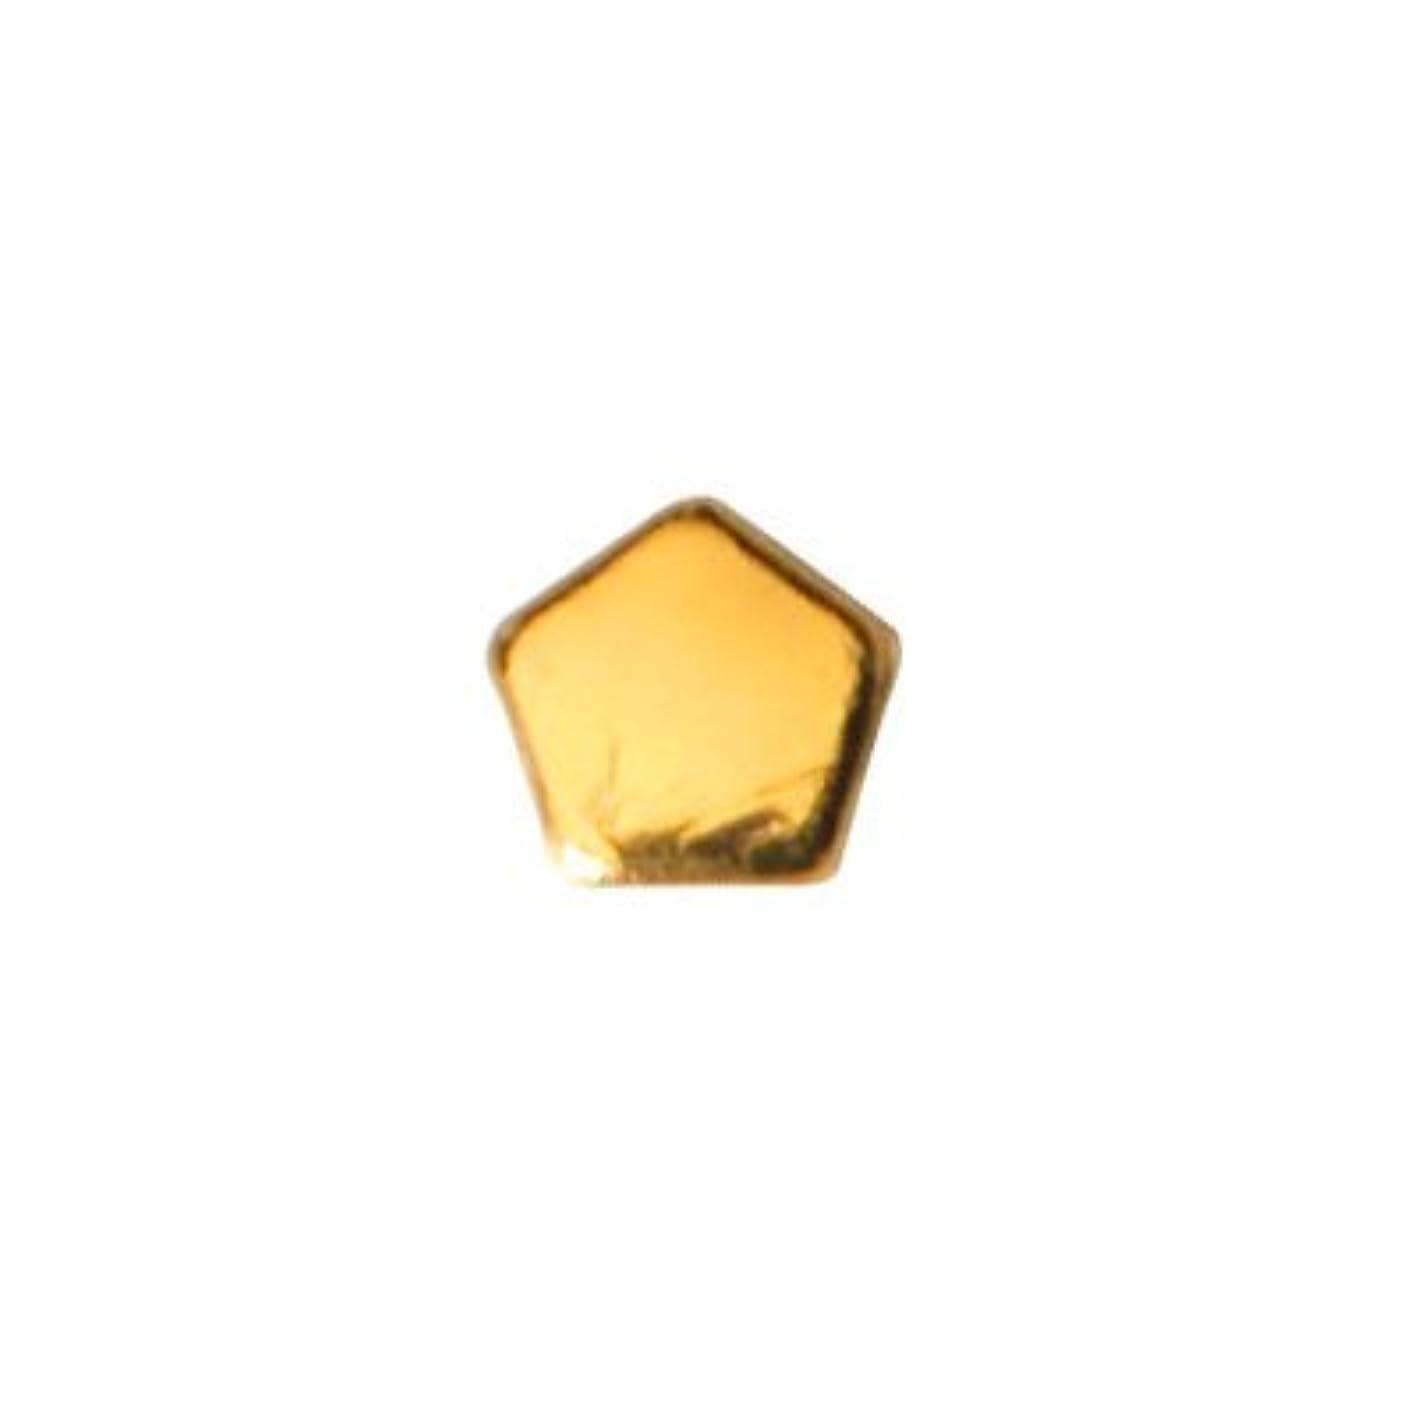 引数定説消えるピアドラ スタッズ ペンタゴン 2mm 50P ゴールド